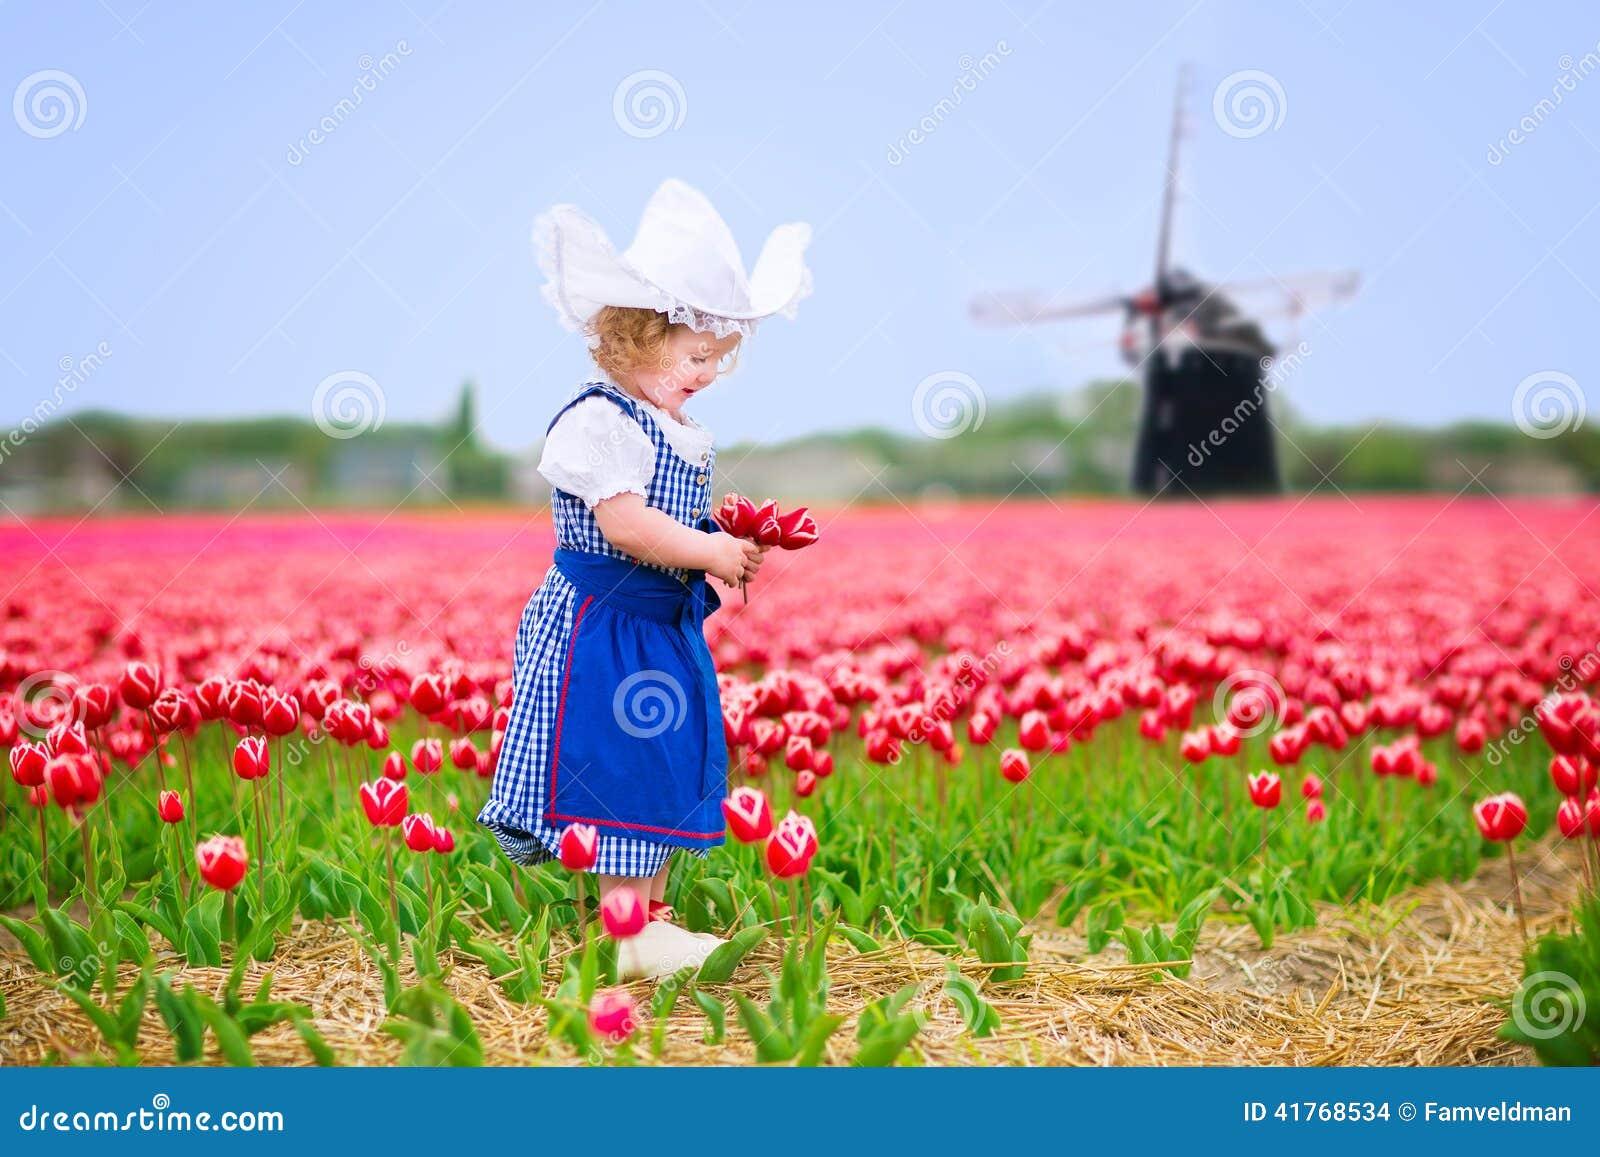 Cute Girl In Dutch Costume In Tulips Field With Windmill ... Cutedutch Nl